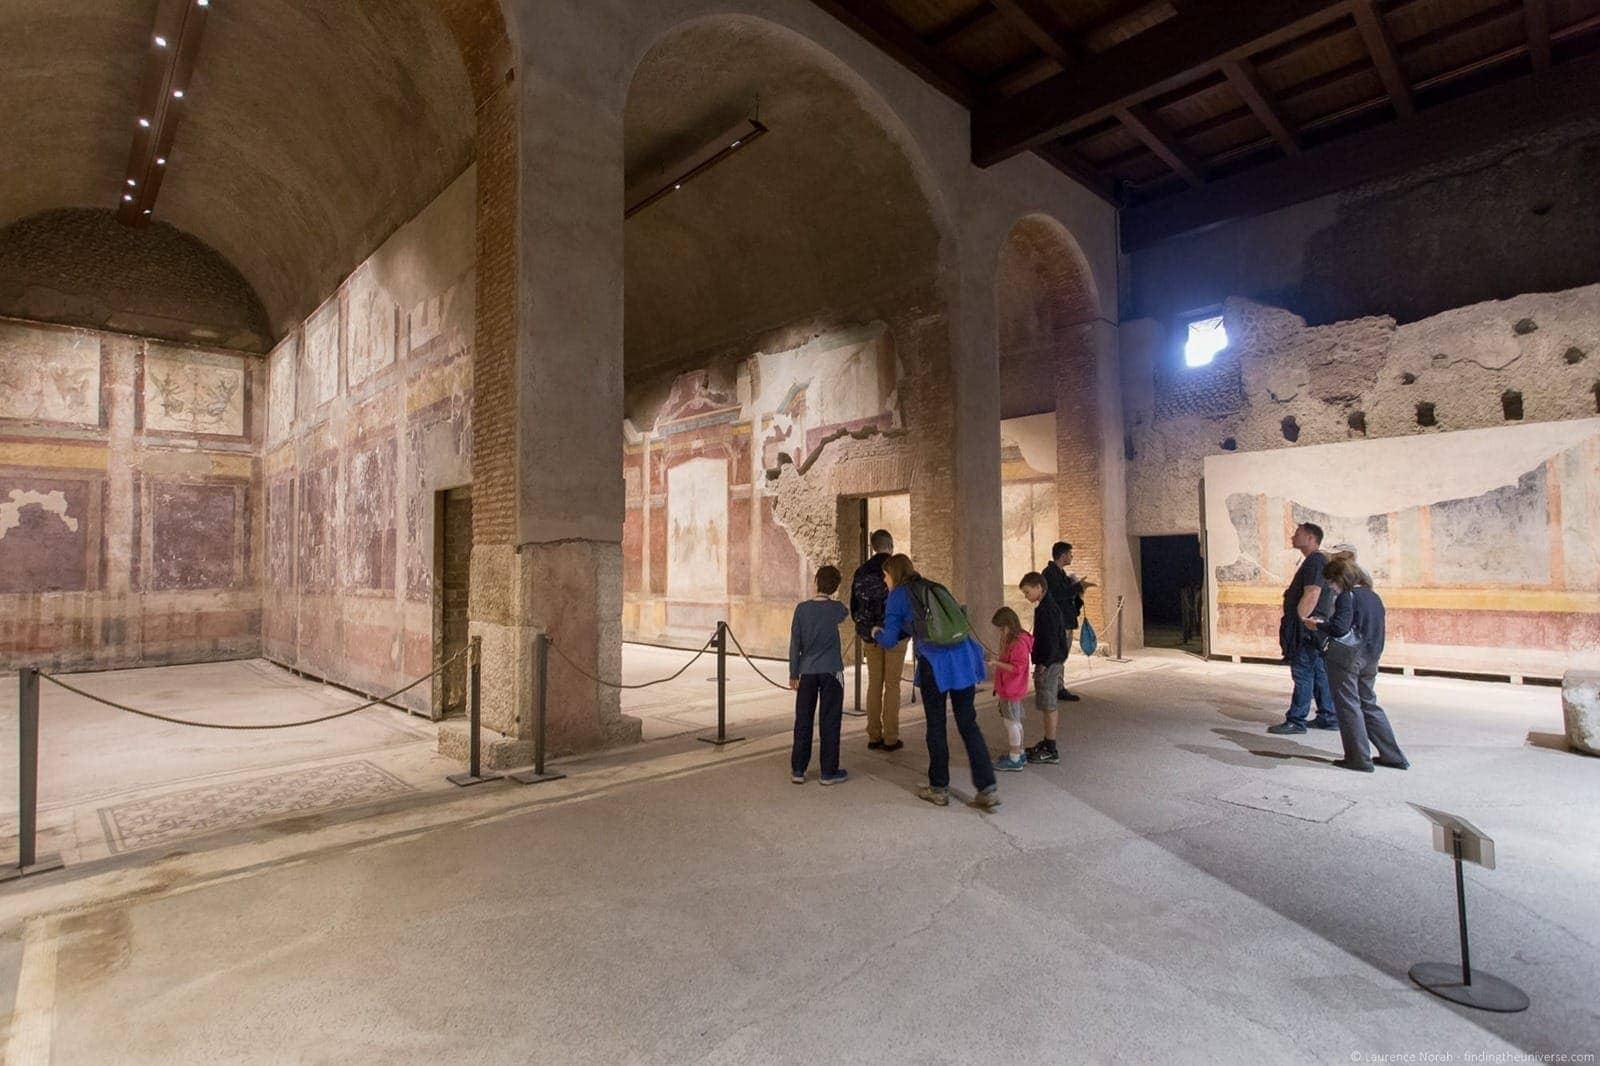 Casa di Augusto Rome interior